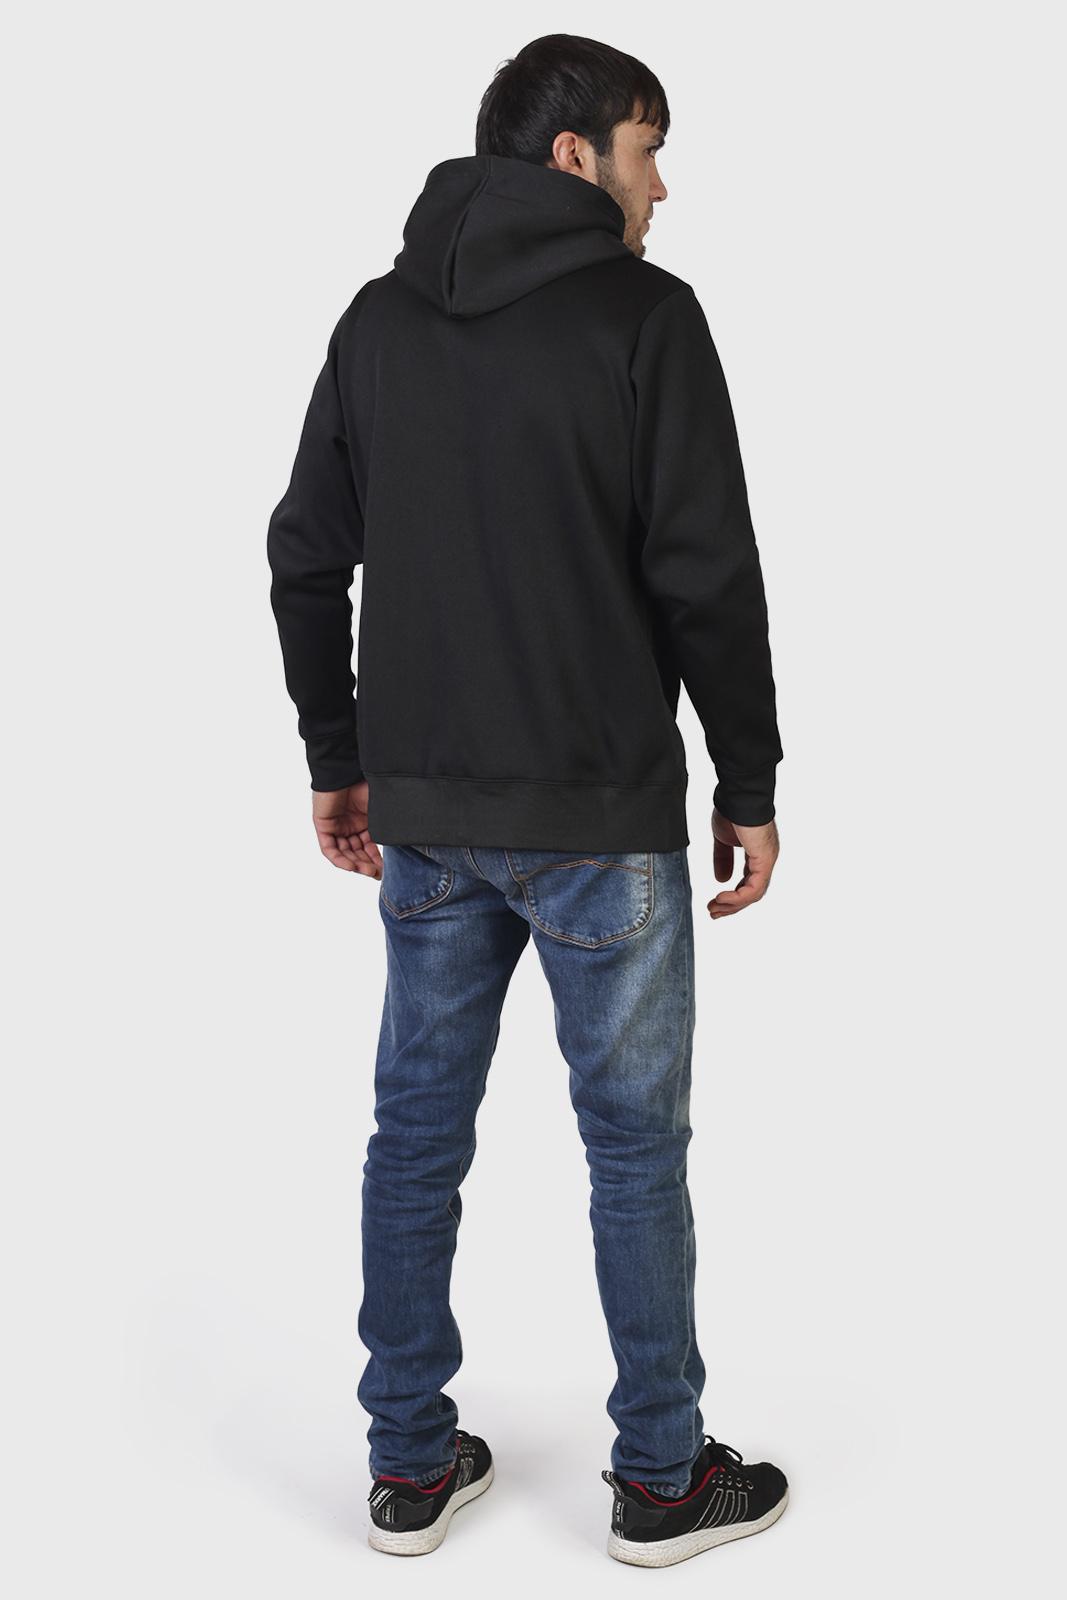 Черная трикотажная мужская толстовка купить в подарок